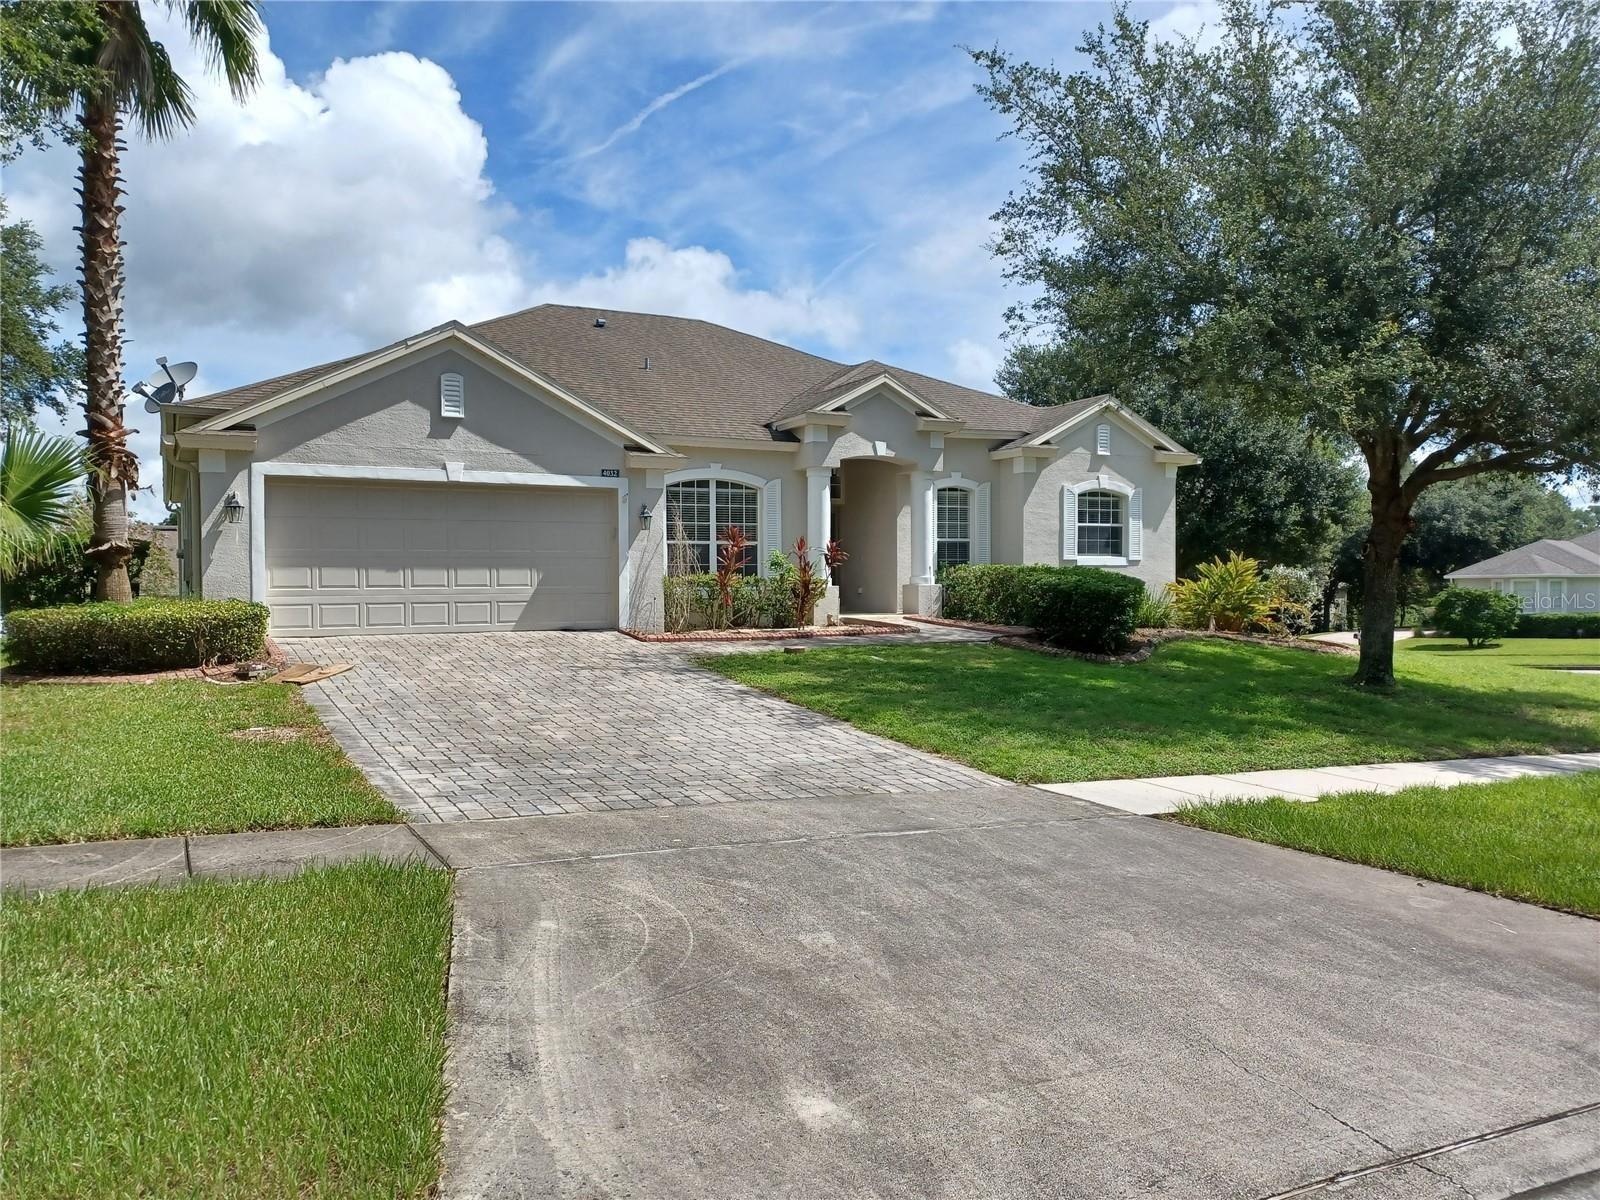 4032 LONG BRANCH LANE, Apopka, FL 32712 - #: S5054718